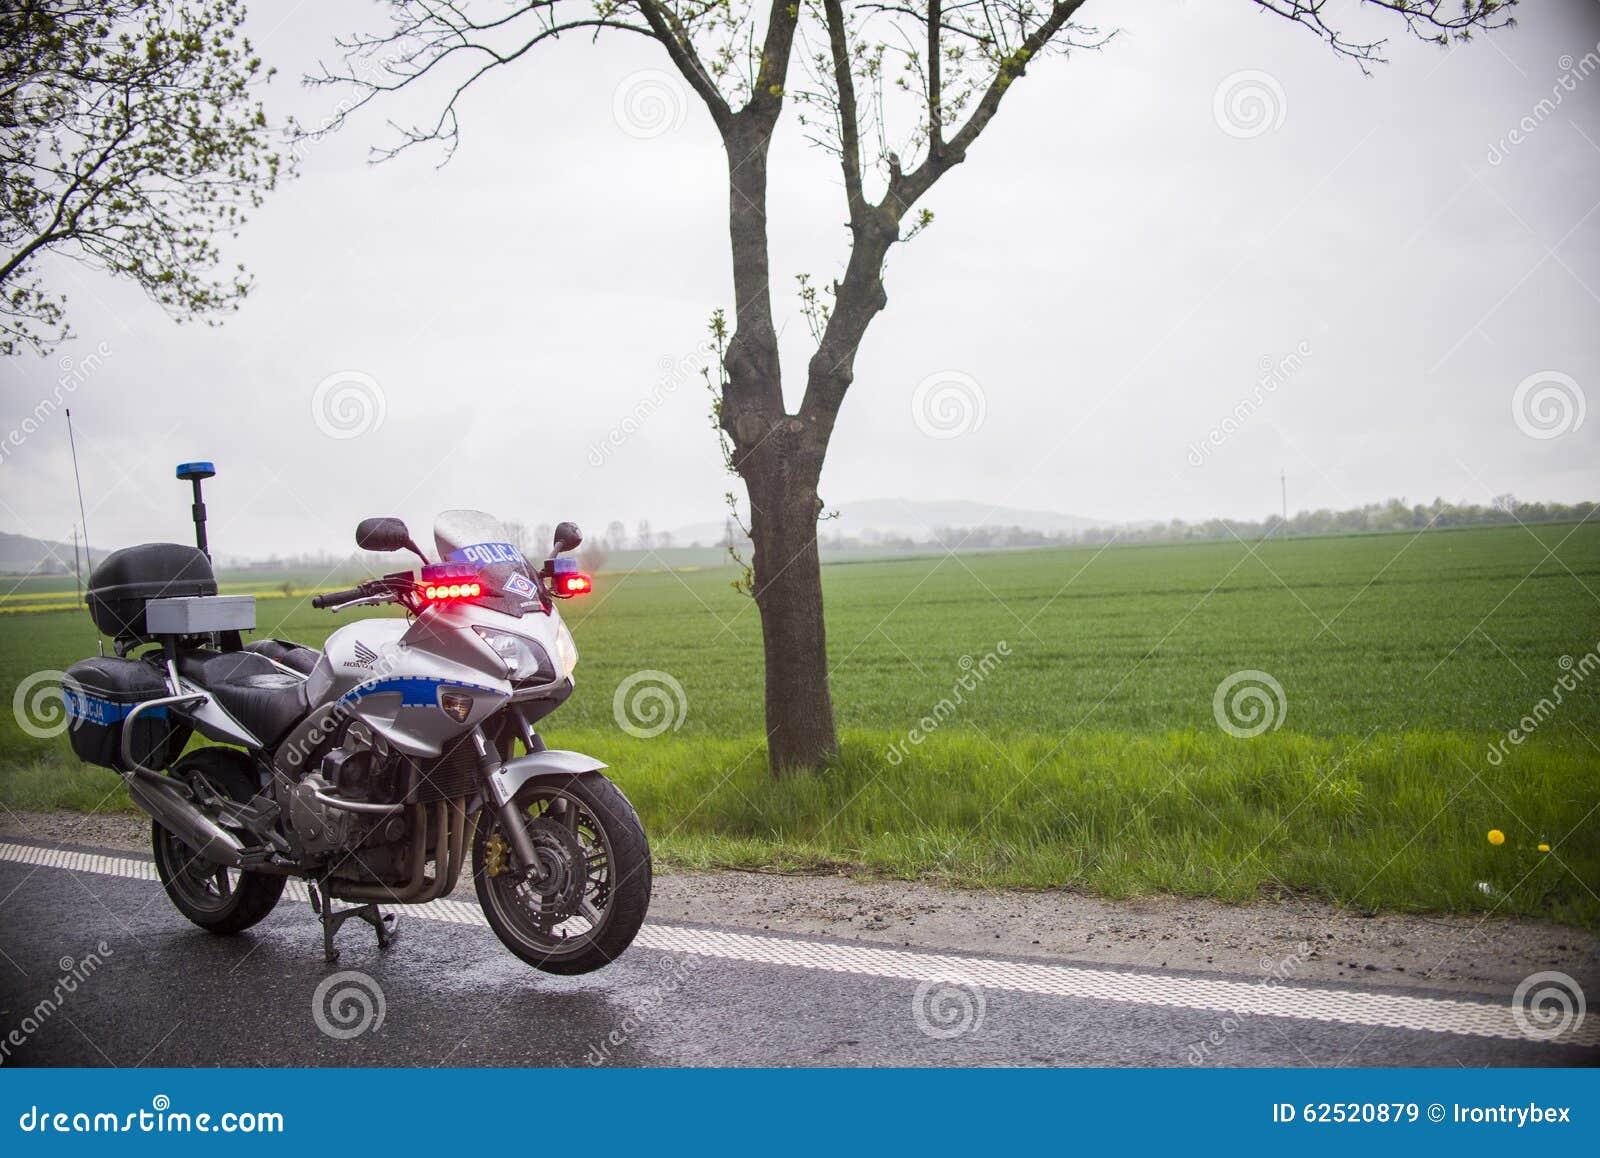 Police Used Honda Motorcycles In Motorway Crash Site